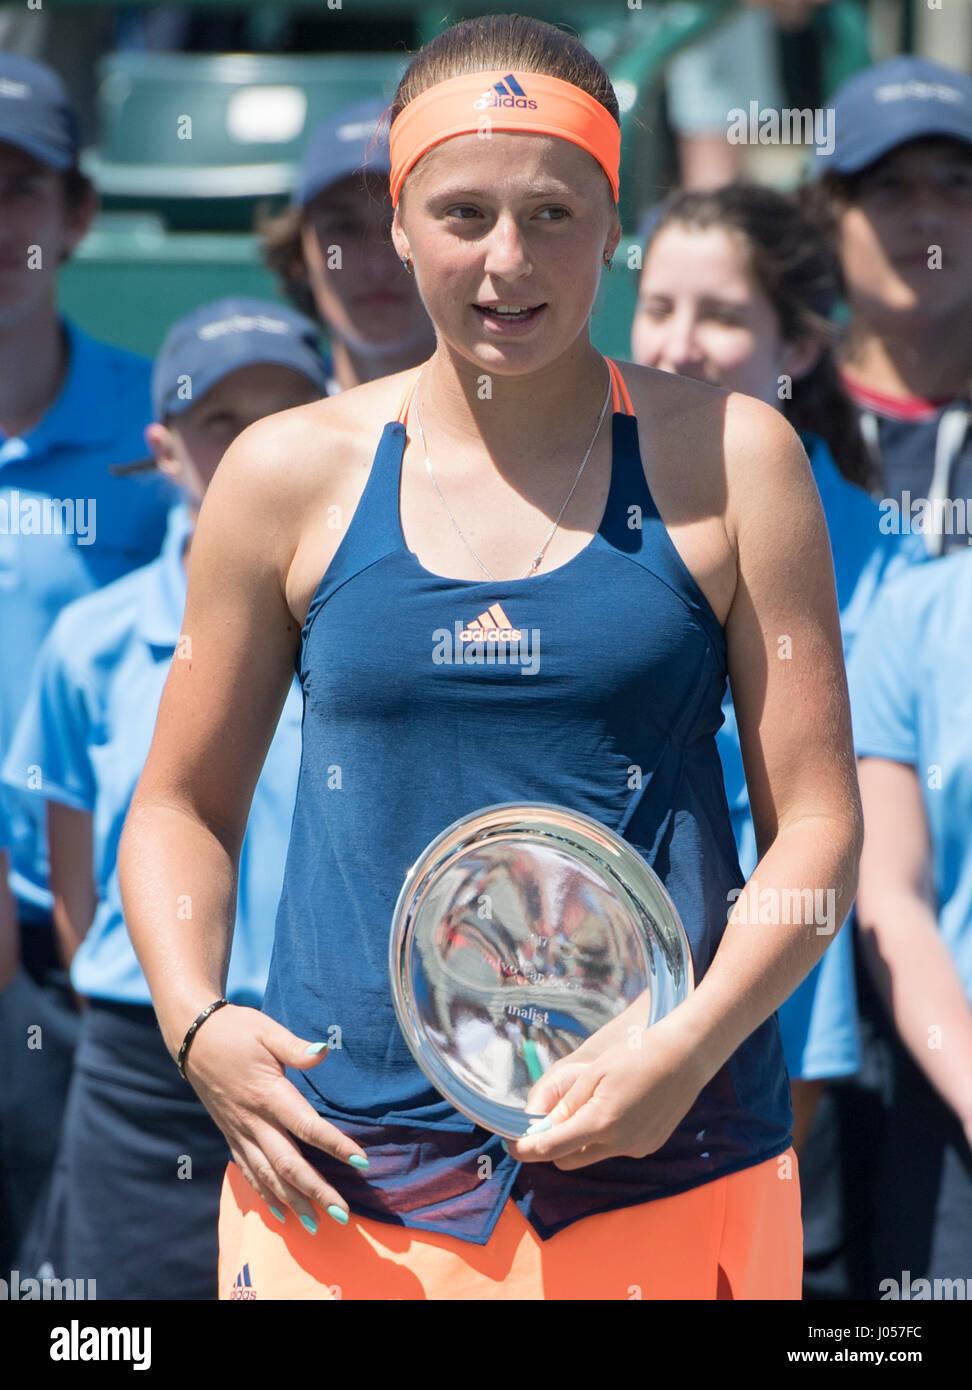 Charleston, South Carolina, USA. 9th Apr, 2017. Jelena Ostapenko (LAT) loses to Daria Kasatkina (RUS) 6-3, 6-1, - Stock Image